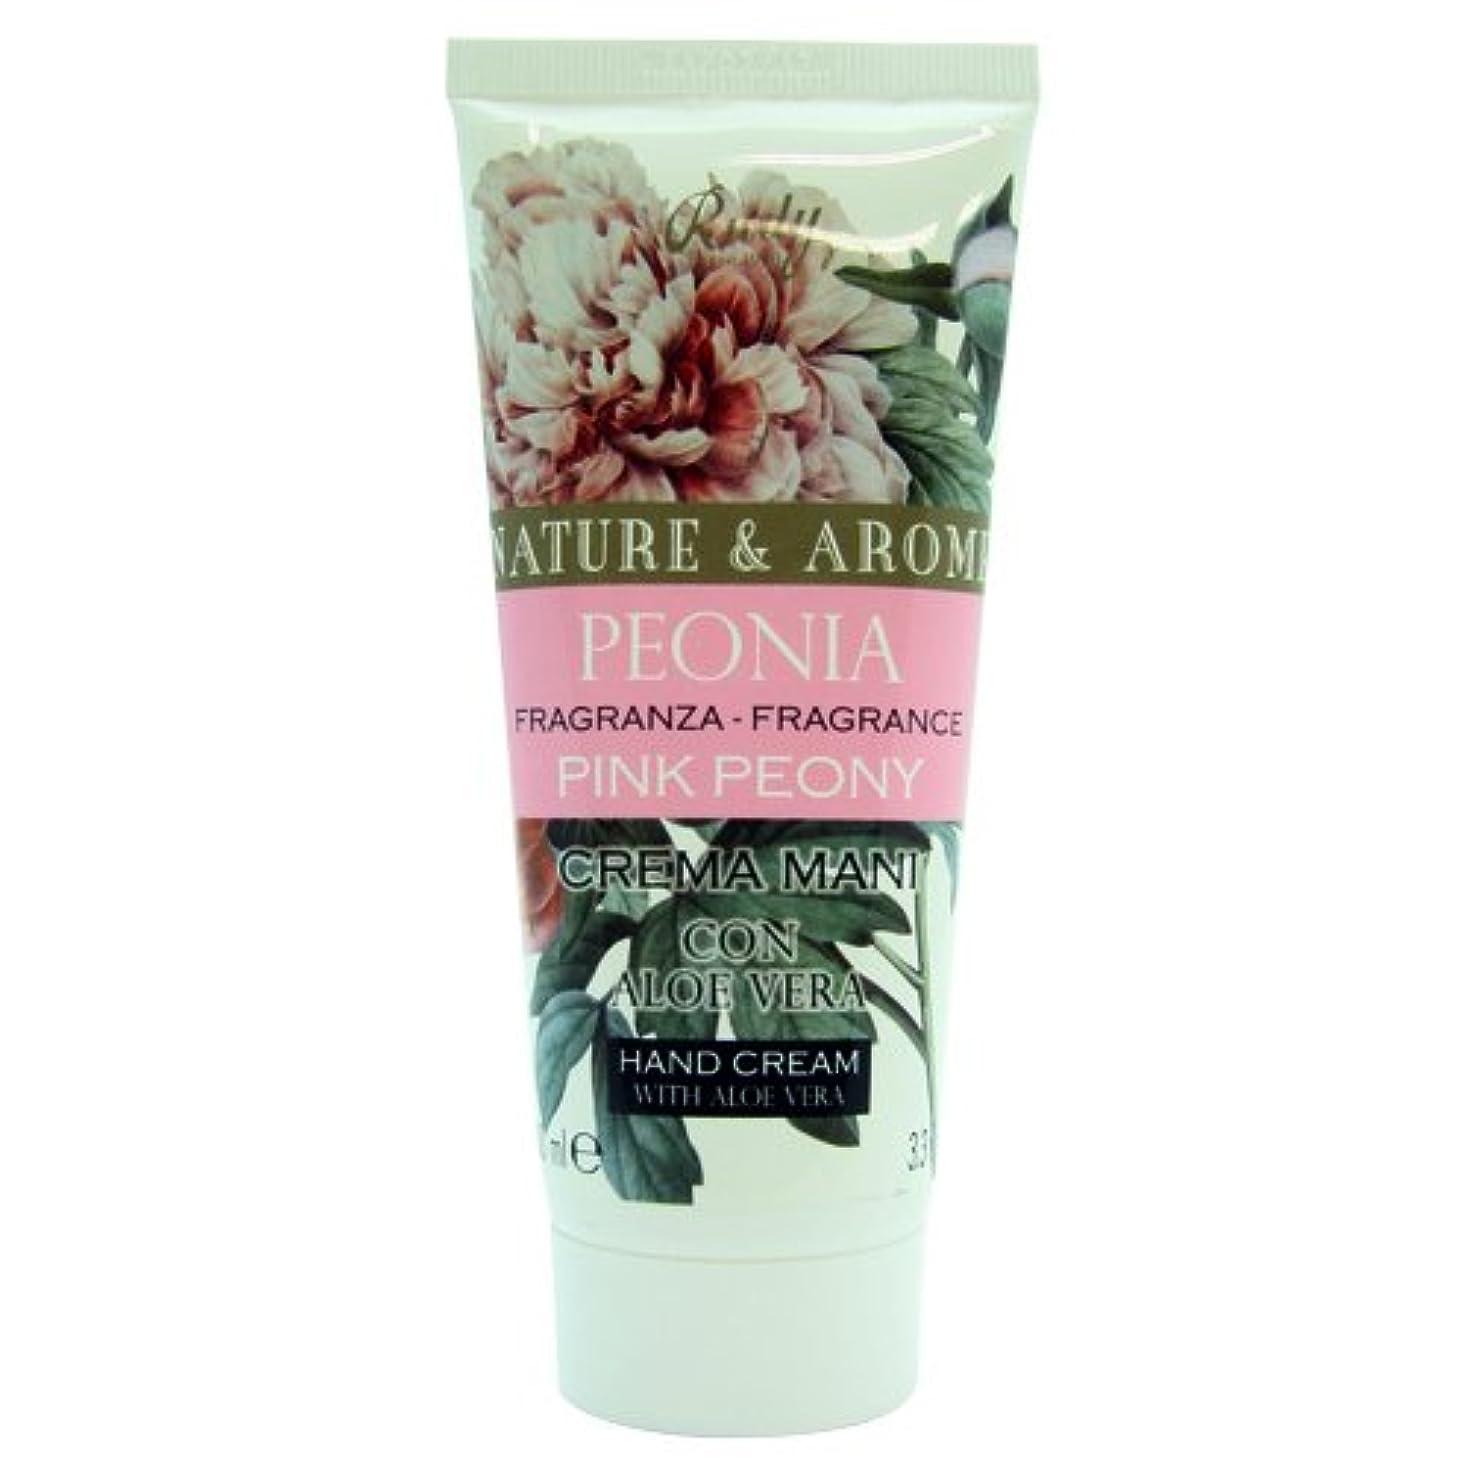 調和に変わる必要性RUDY Nature&Arome SERIES ルディ ナチュール&アロマ Hand Cream ハンドクリーム  ピンクピオニー